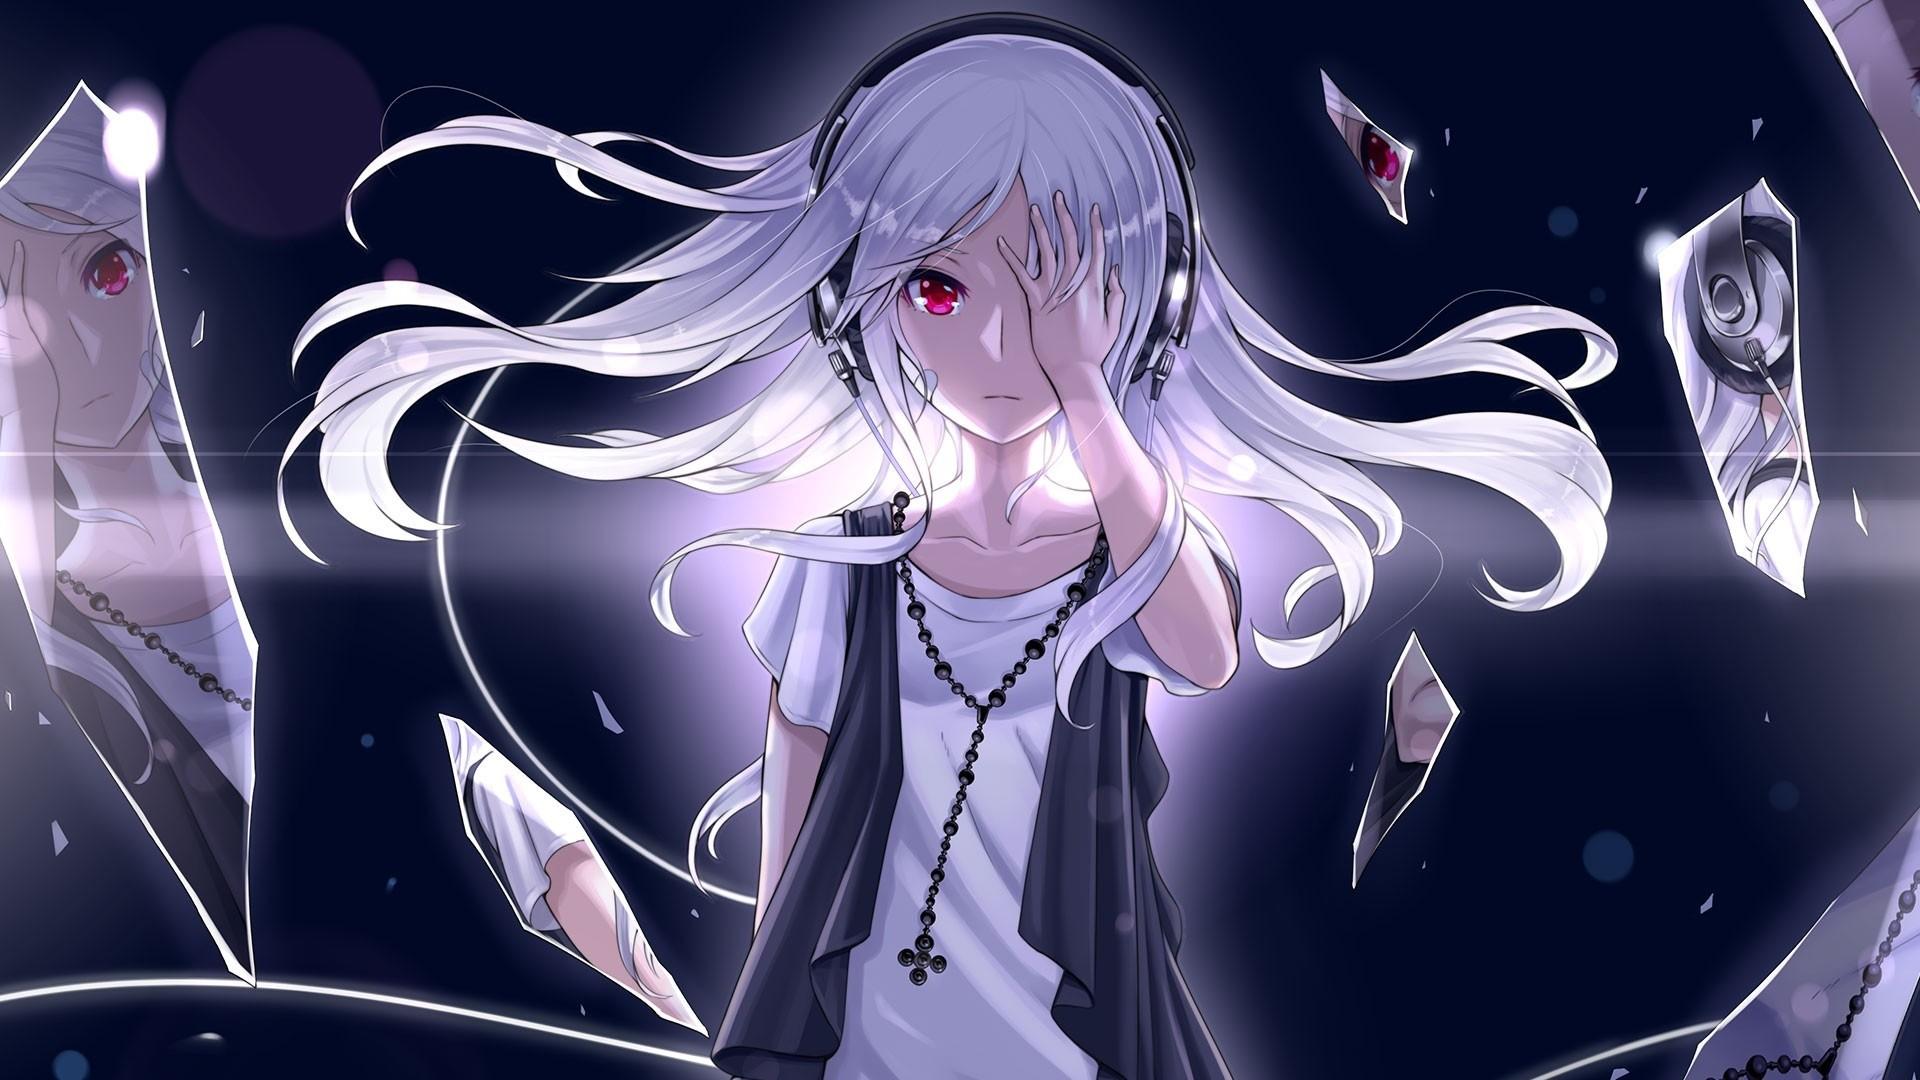 Anime Girl HD Desktop Wallpaper 61371